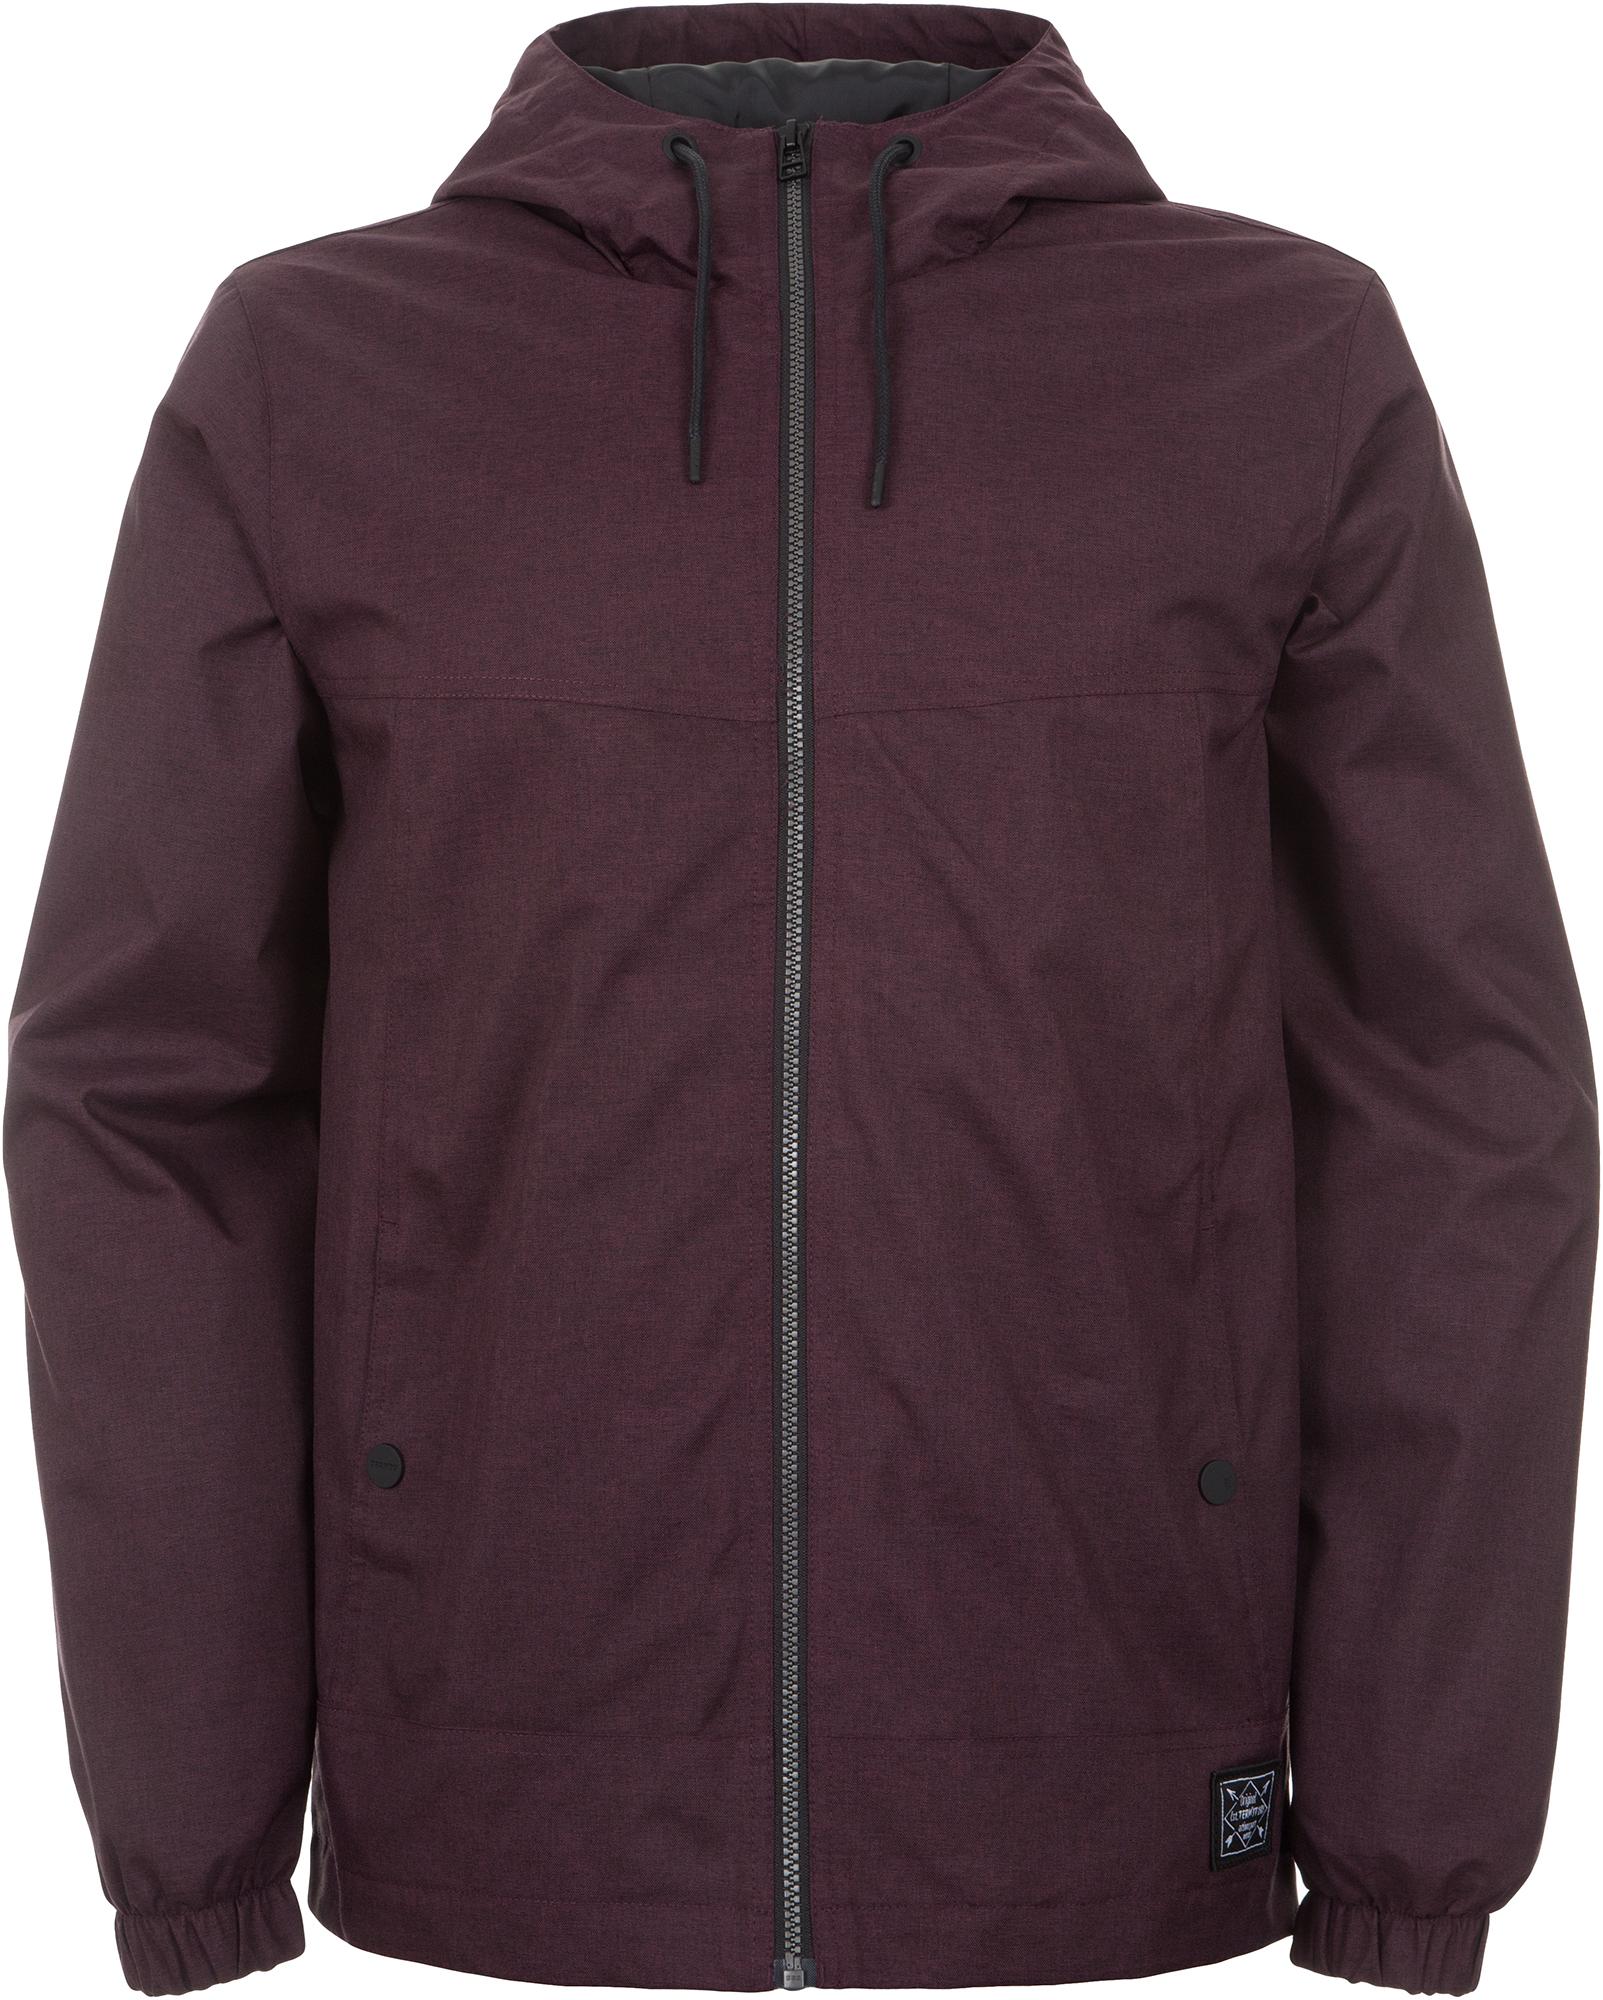 купить Termit Куртка мужская Termit, размер 48 по цене 2309 рублей